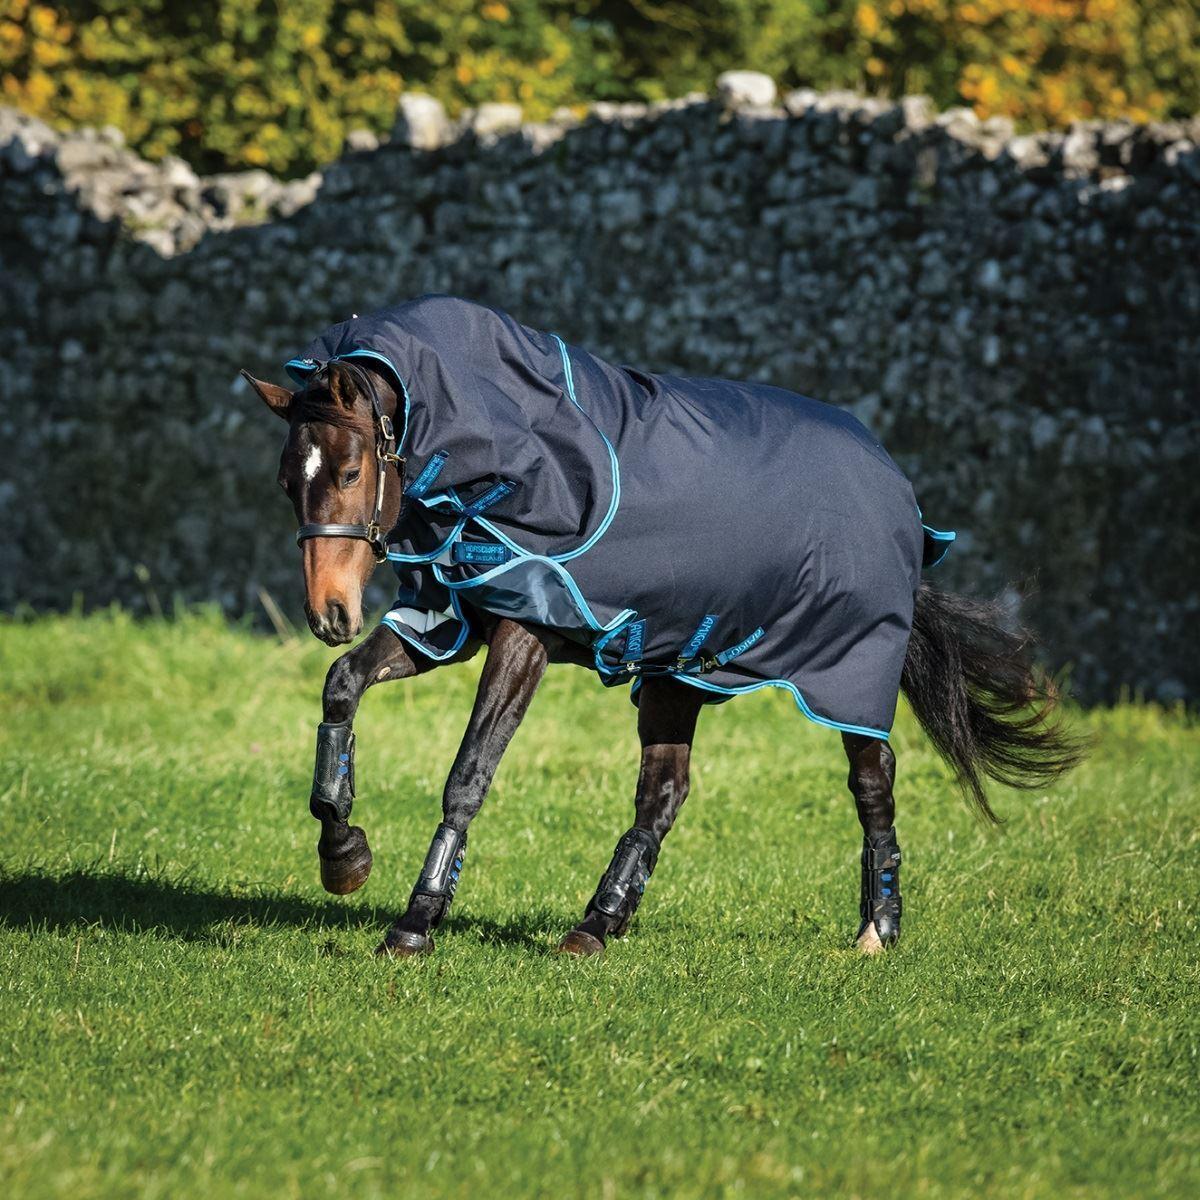 Horseware Ireland Amigo Bravo 12 Plus Participation Paquet AARP8B